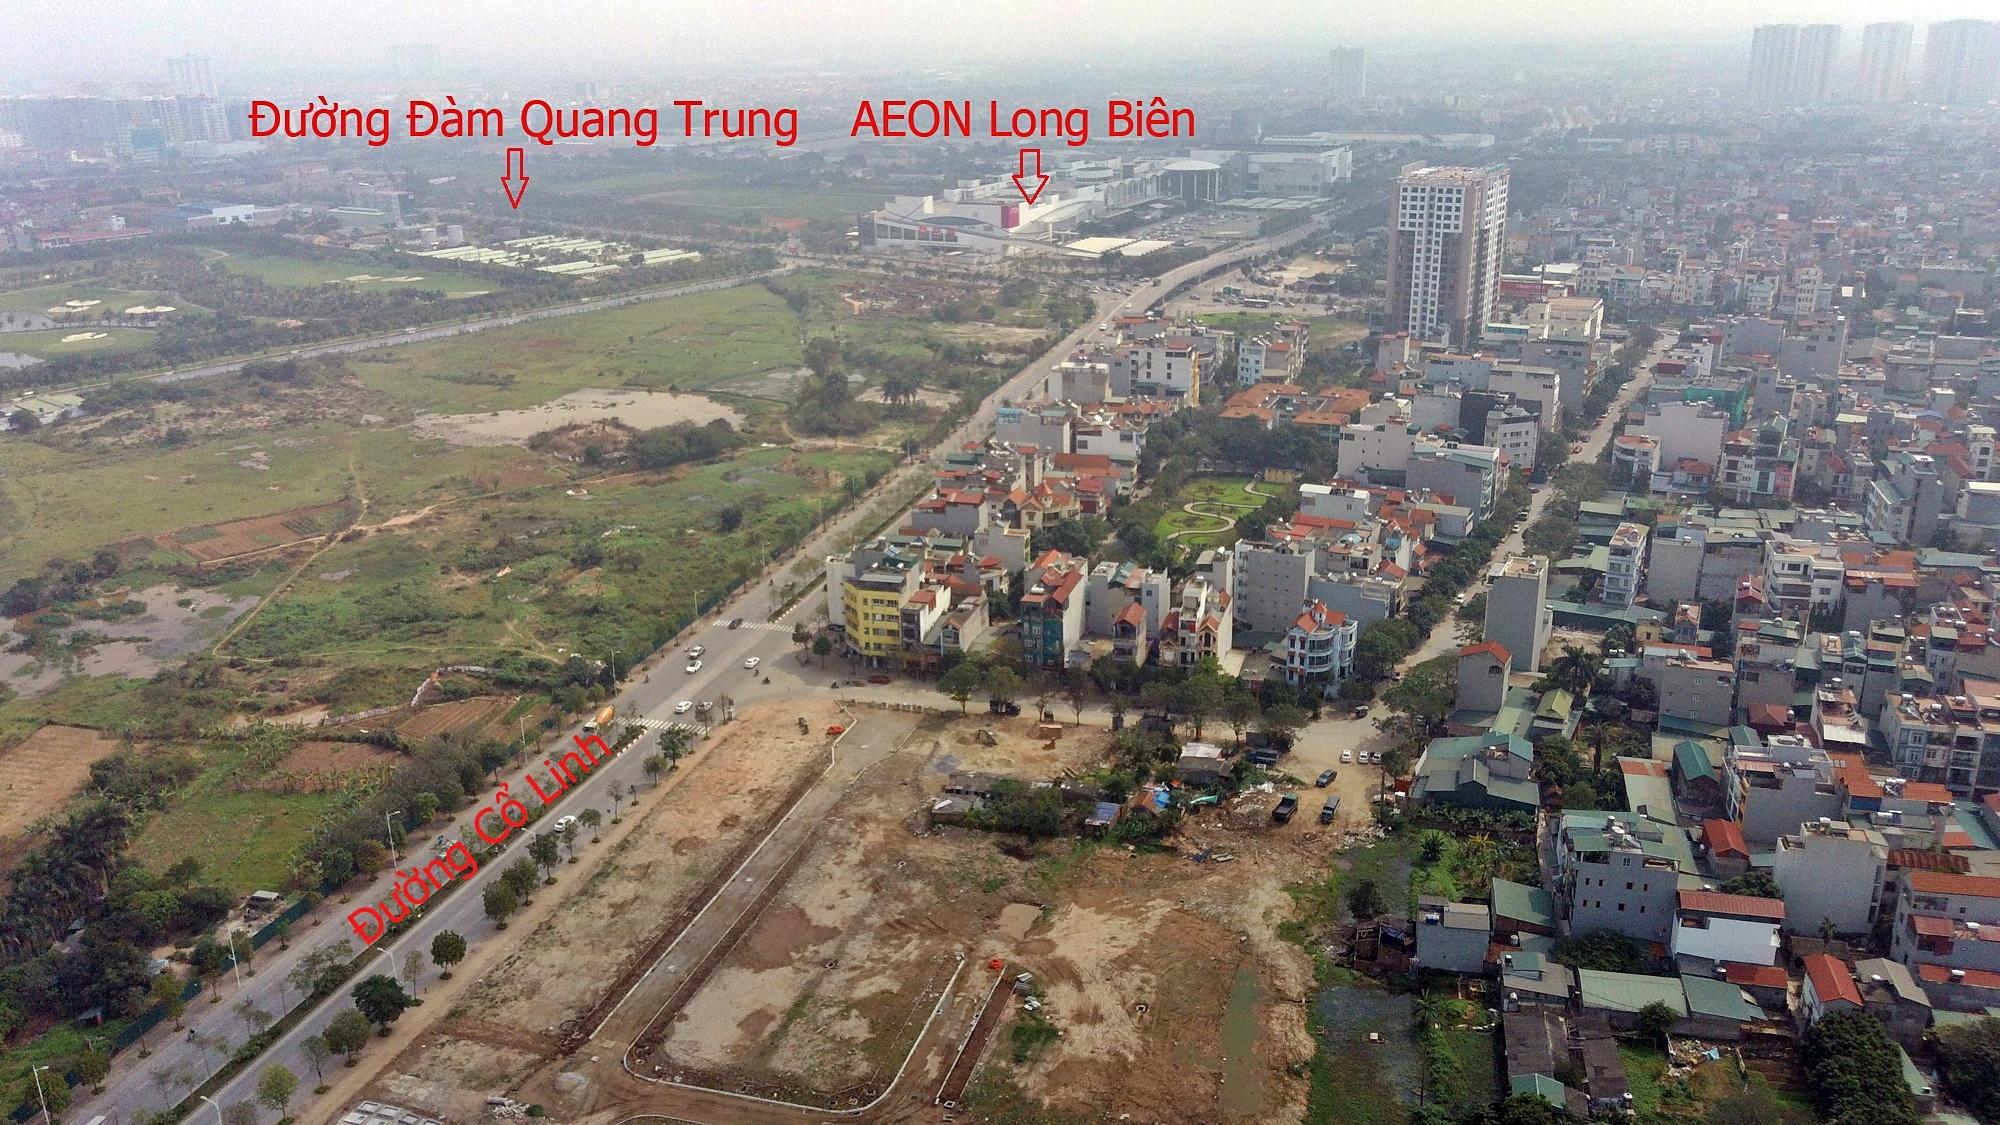 Cầu sẽ mở theo qui hoạch ở Hà Nội: Toành cảnh vị trí làm cầu Giang Biên - Ảnh 12.